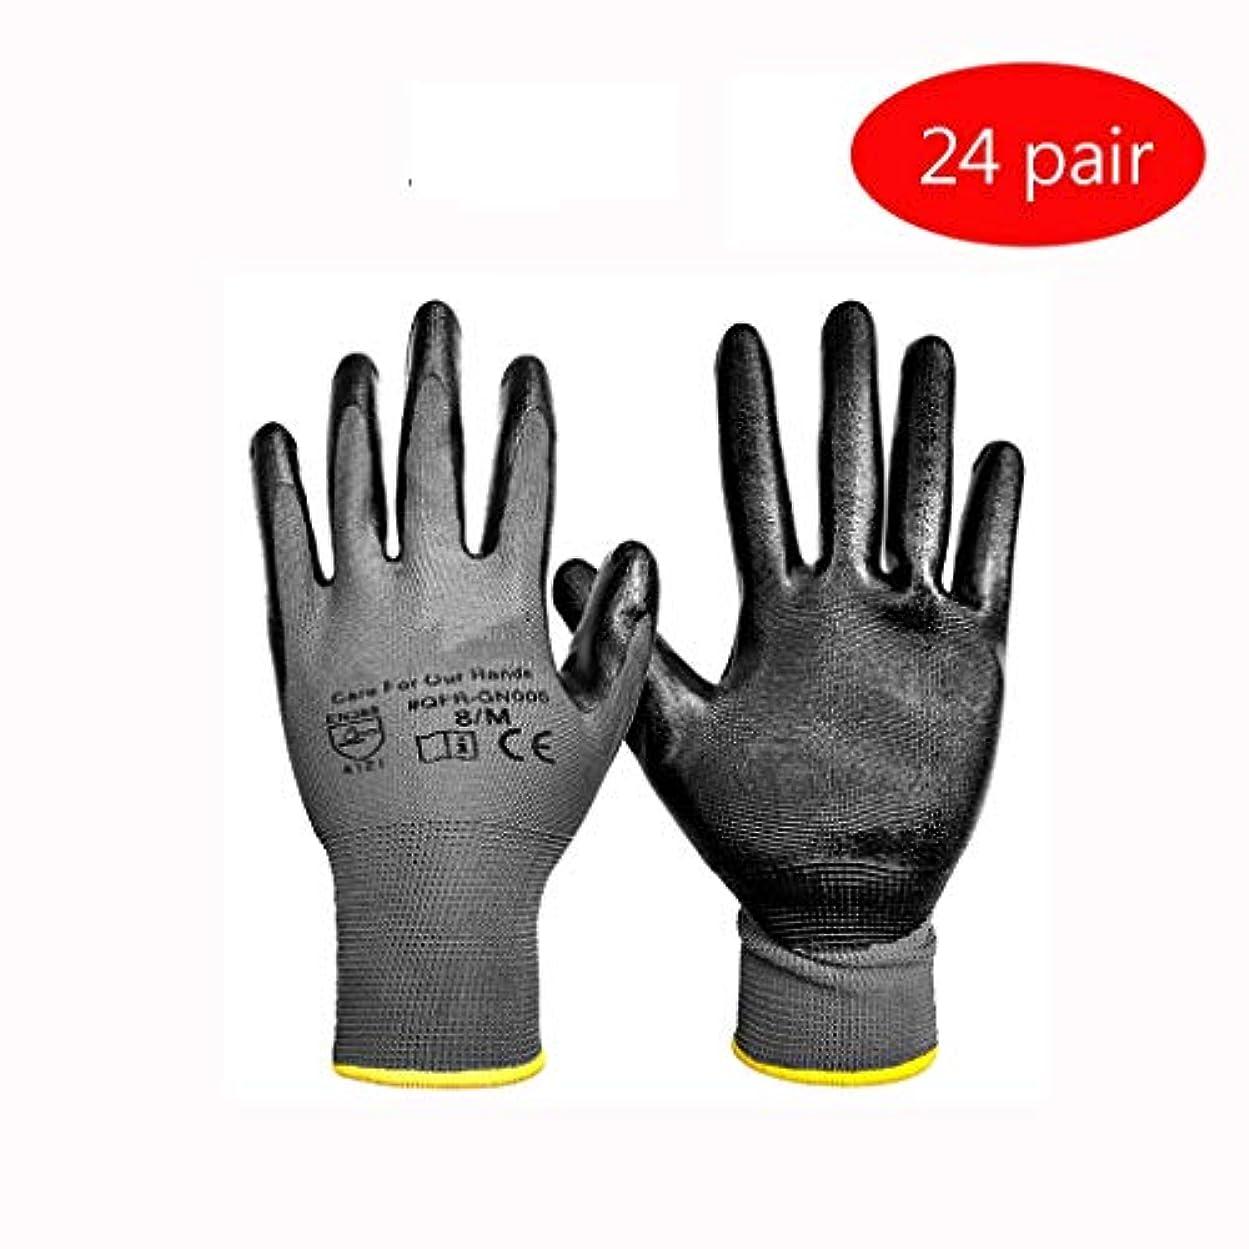 敵意の慈悲で敷居LIUXIN プラスチック手袋/丁ハオは、手のひらの労働保護手袋/メンテナンス整備士オイルプルーフ滑り止め手袋/サイトハンドリング着用手袋/ -24を塗装 ゴム手袋 (サイズ さいず : Xl xl)